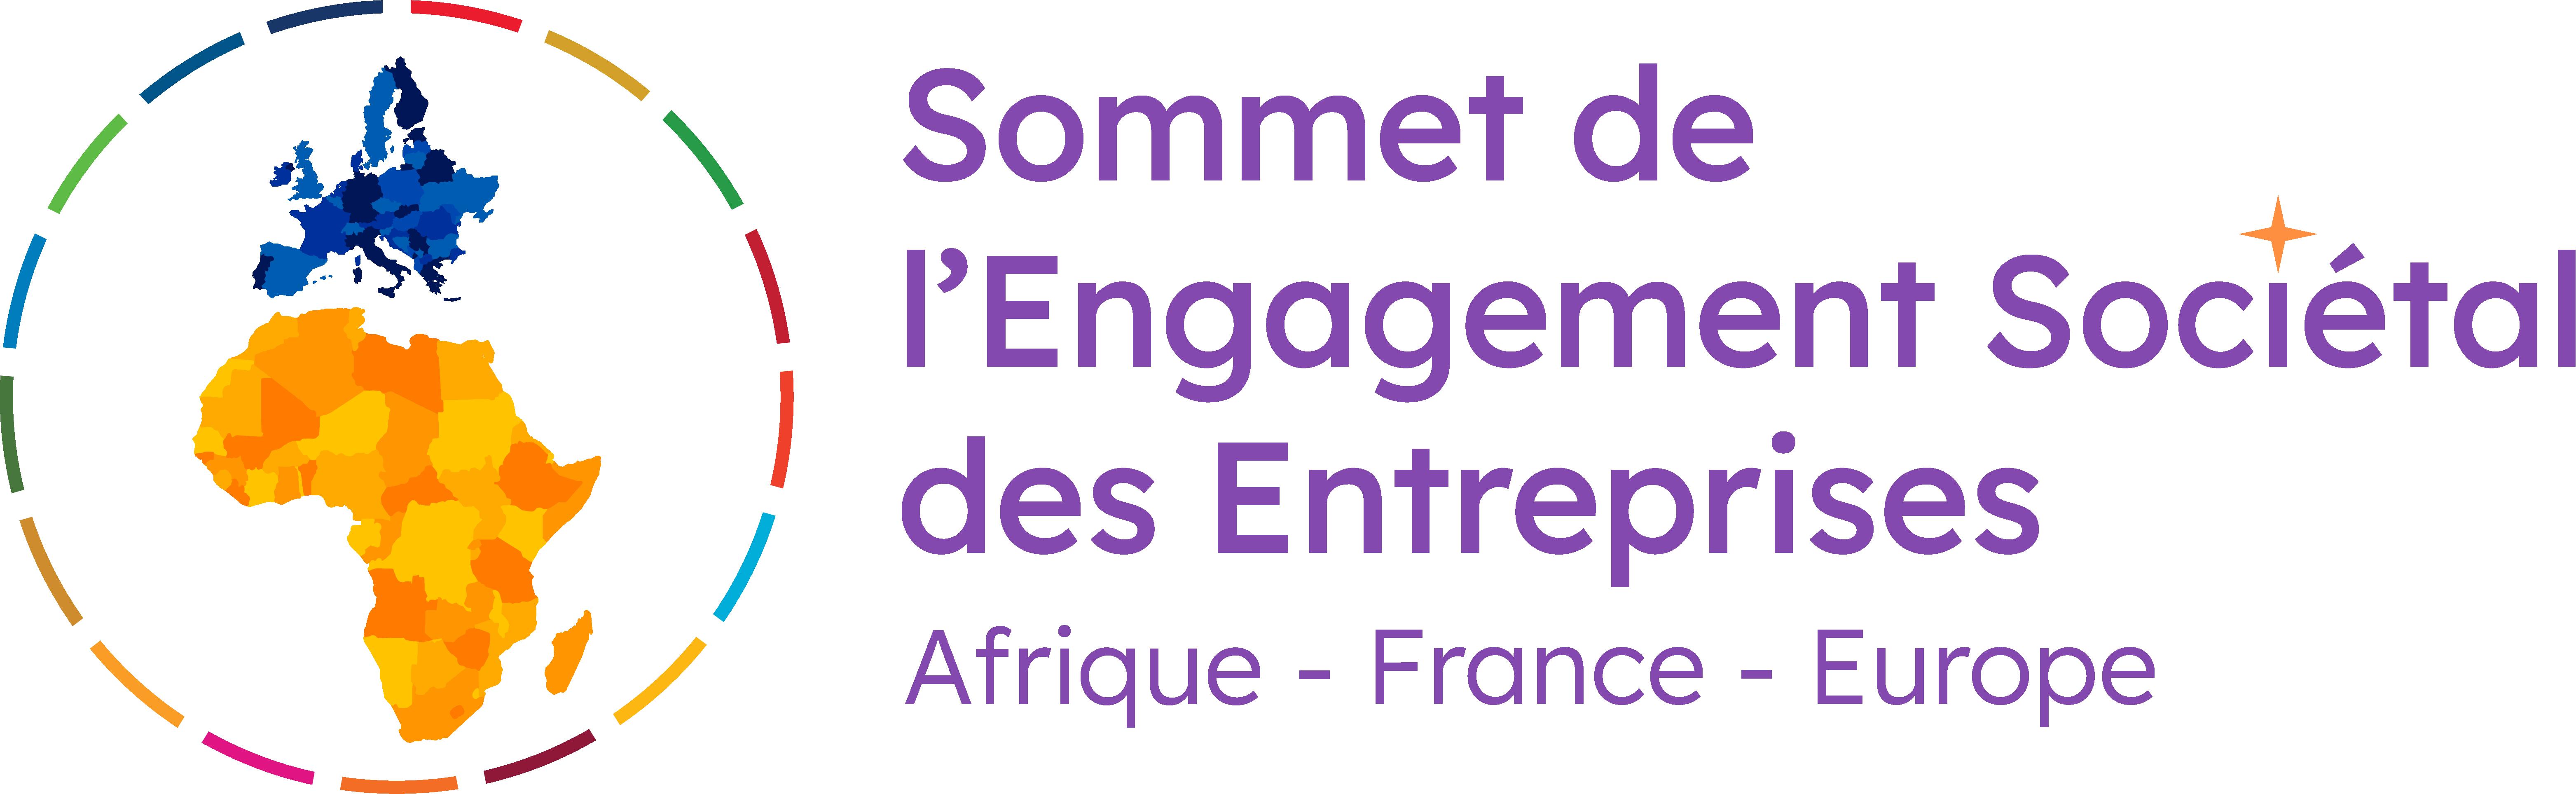 Découvrez l'intégralité du 1er Sommet de l'Engagement Sociétal des Entreprises !!!